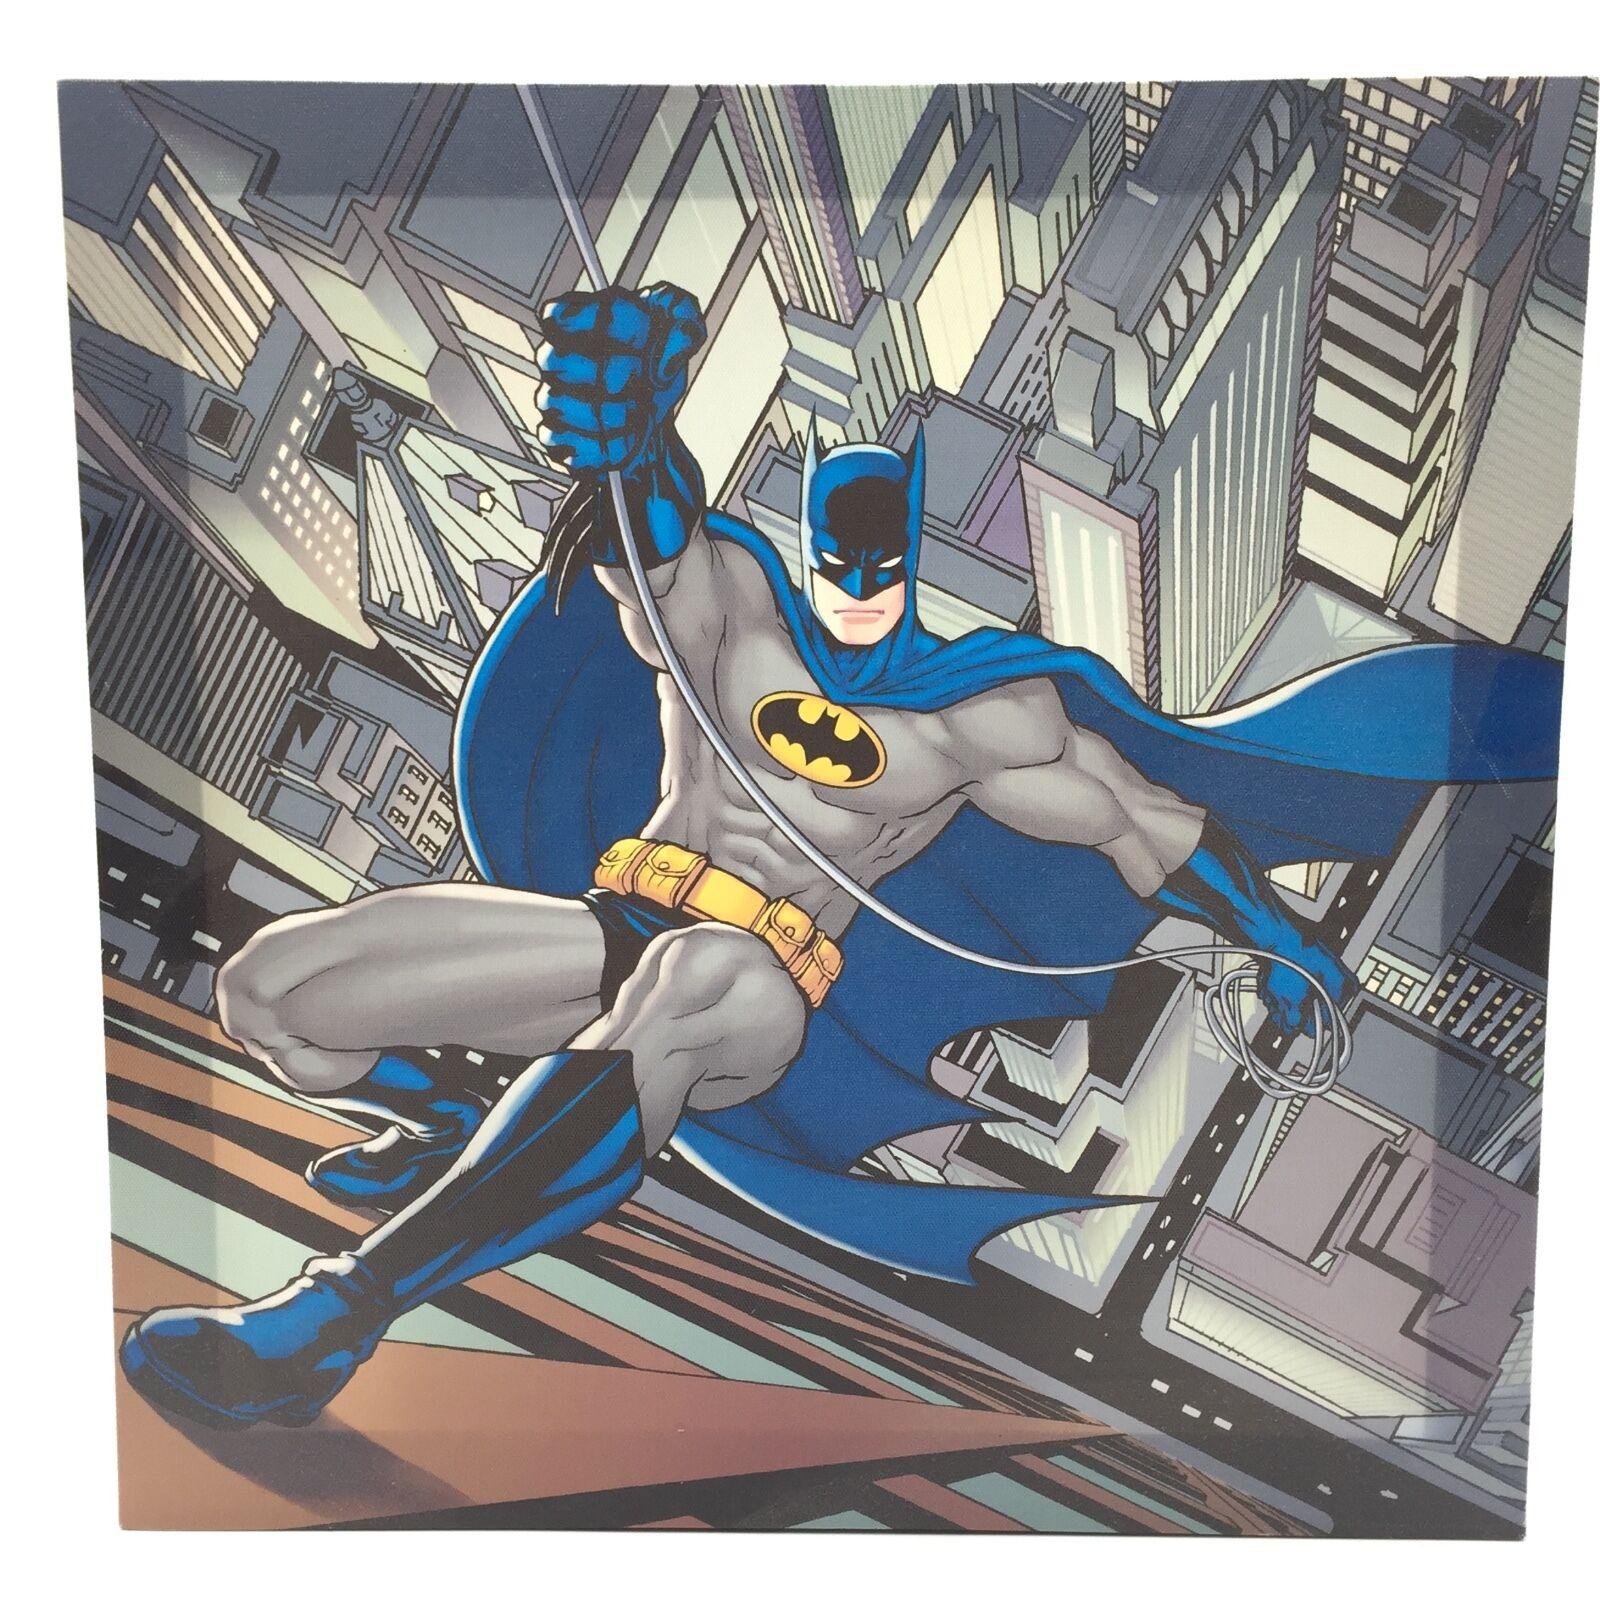 TABLEAU BATMAN MARVEL TOILE CADRE BOIS 40 X 40